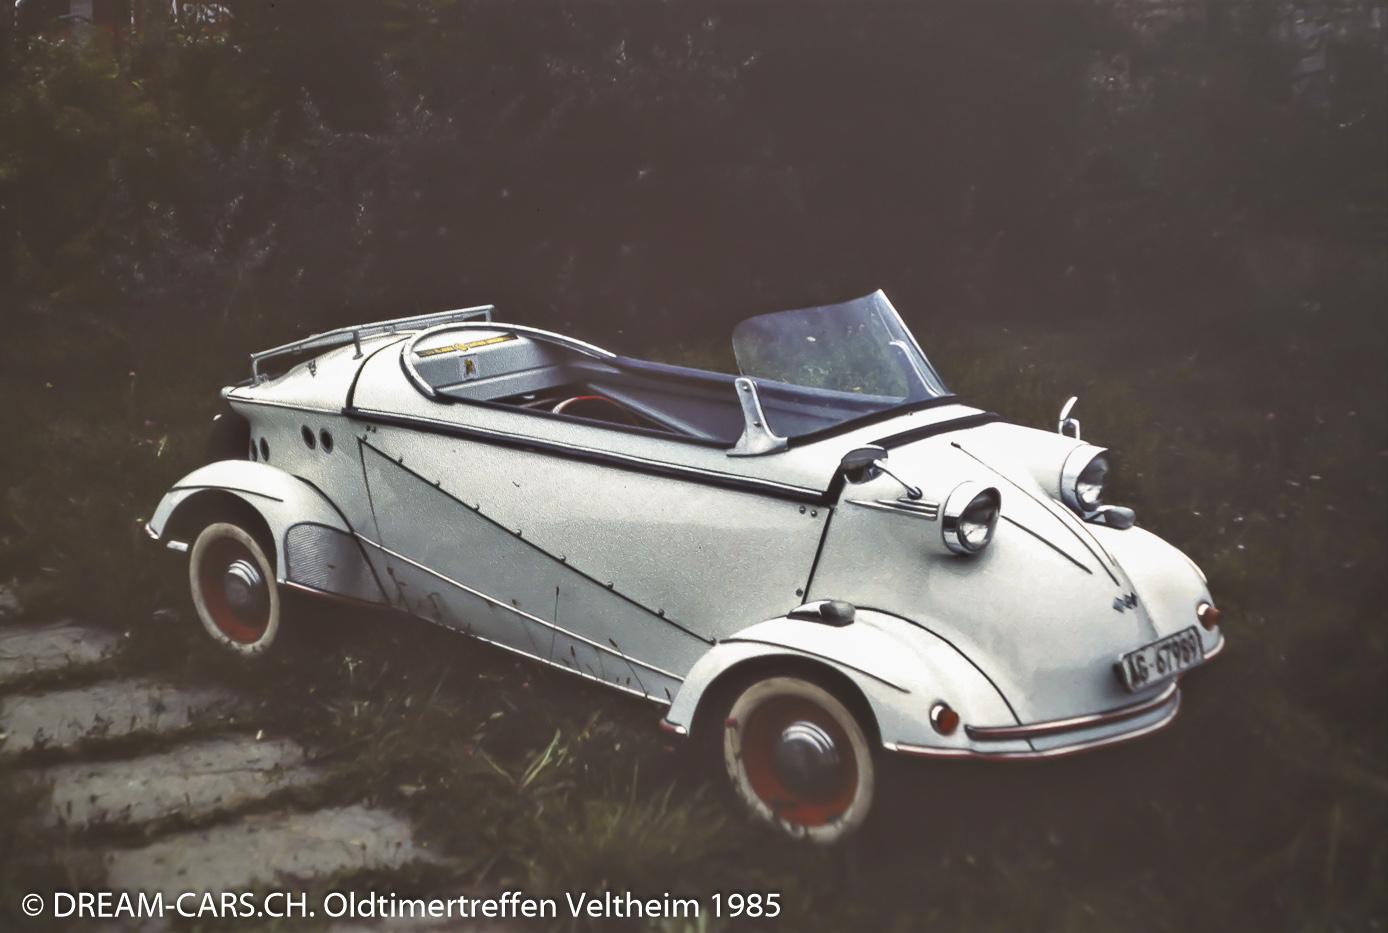 Tag des Autos im Verkehrs-Sicherheits-Zentrum Veltheim, 8. September 1985. Ein Messerschmitt Tg 500